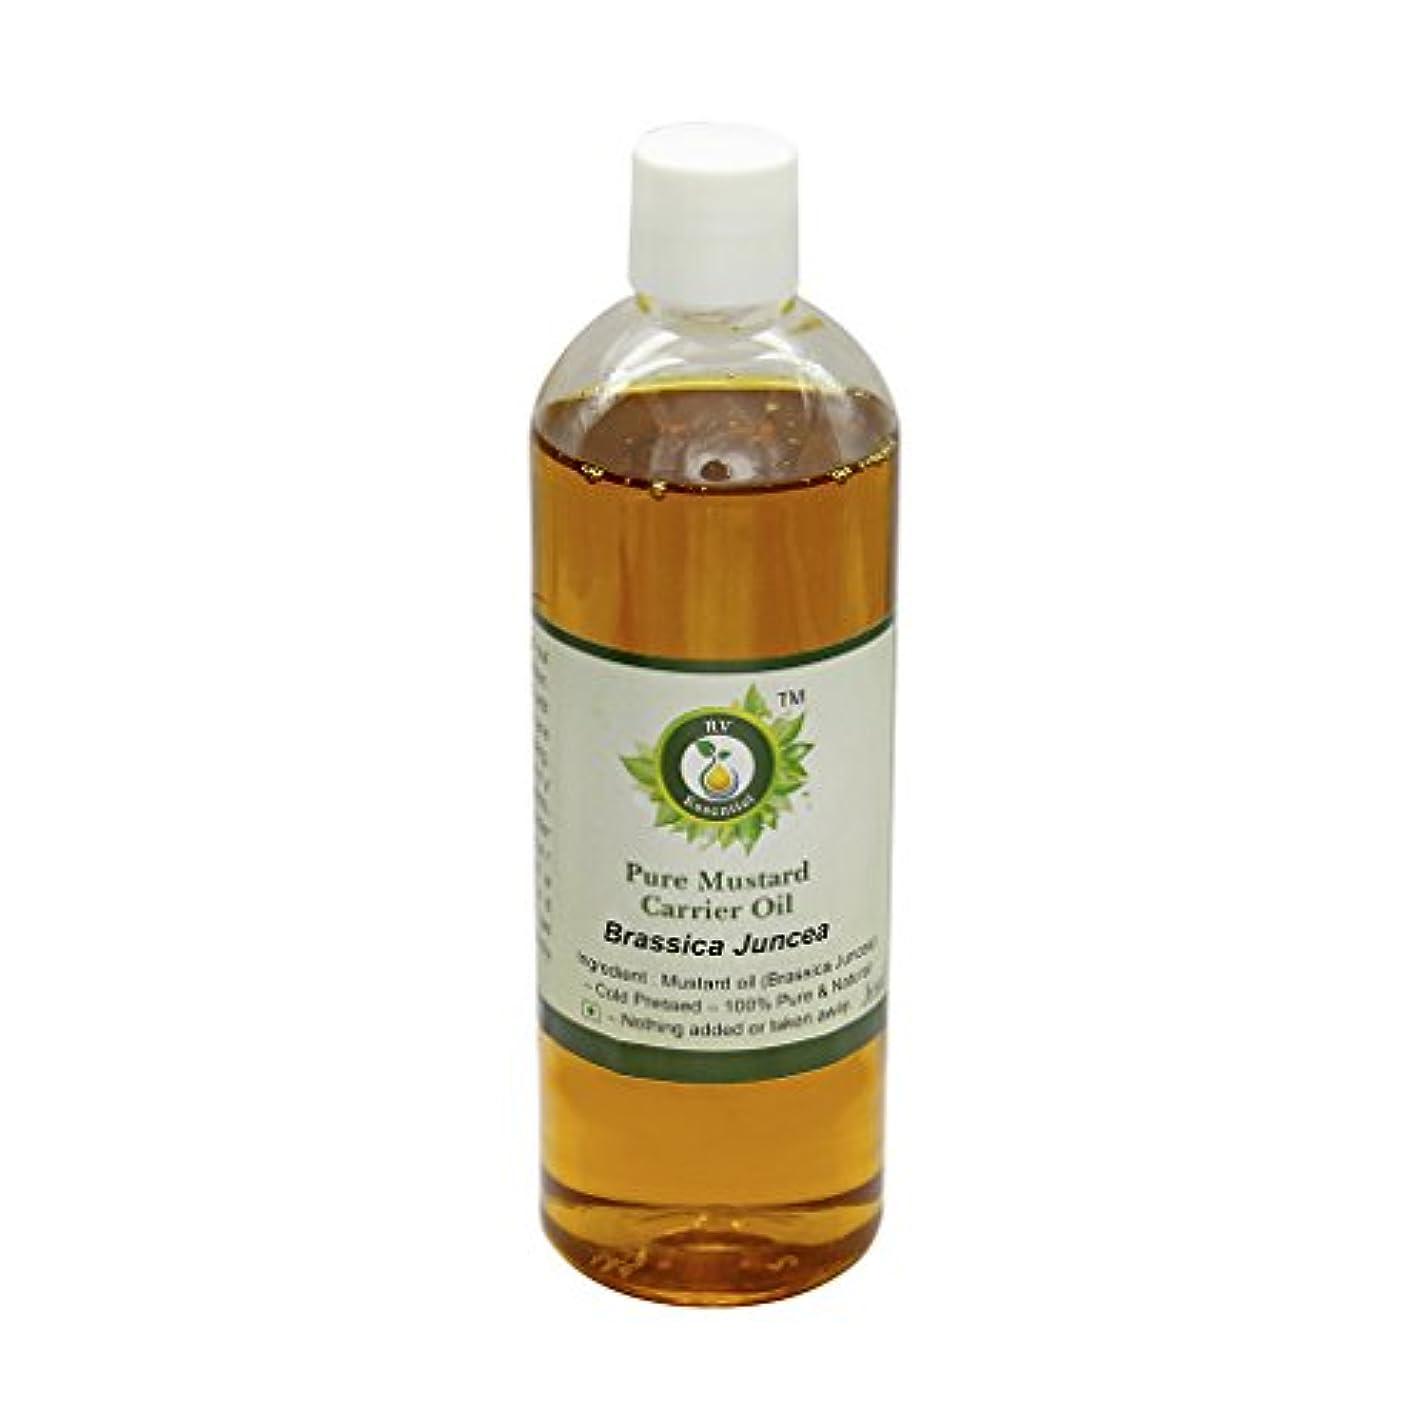 一緒落花生歯車R V Essential 純粋なマスタードキャリアオイル100ml (3.38oz)- Brassica Juncea (100%ピュア&ナチュラルコールドPressed) Pure Mustard Carrier Oil